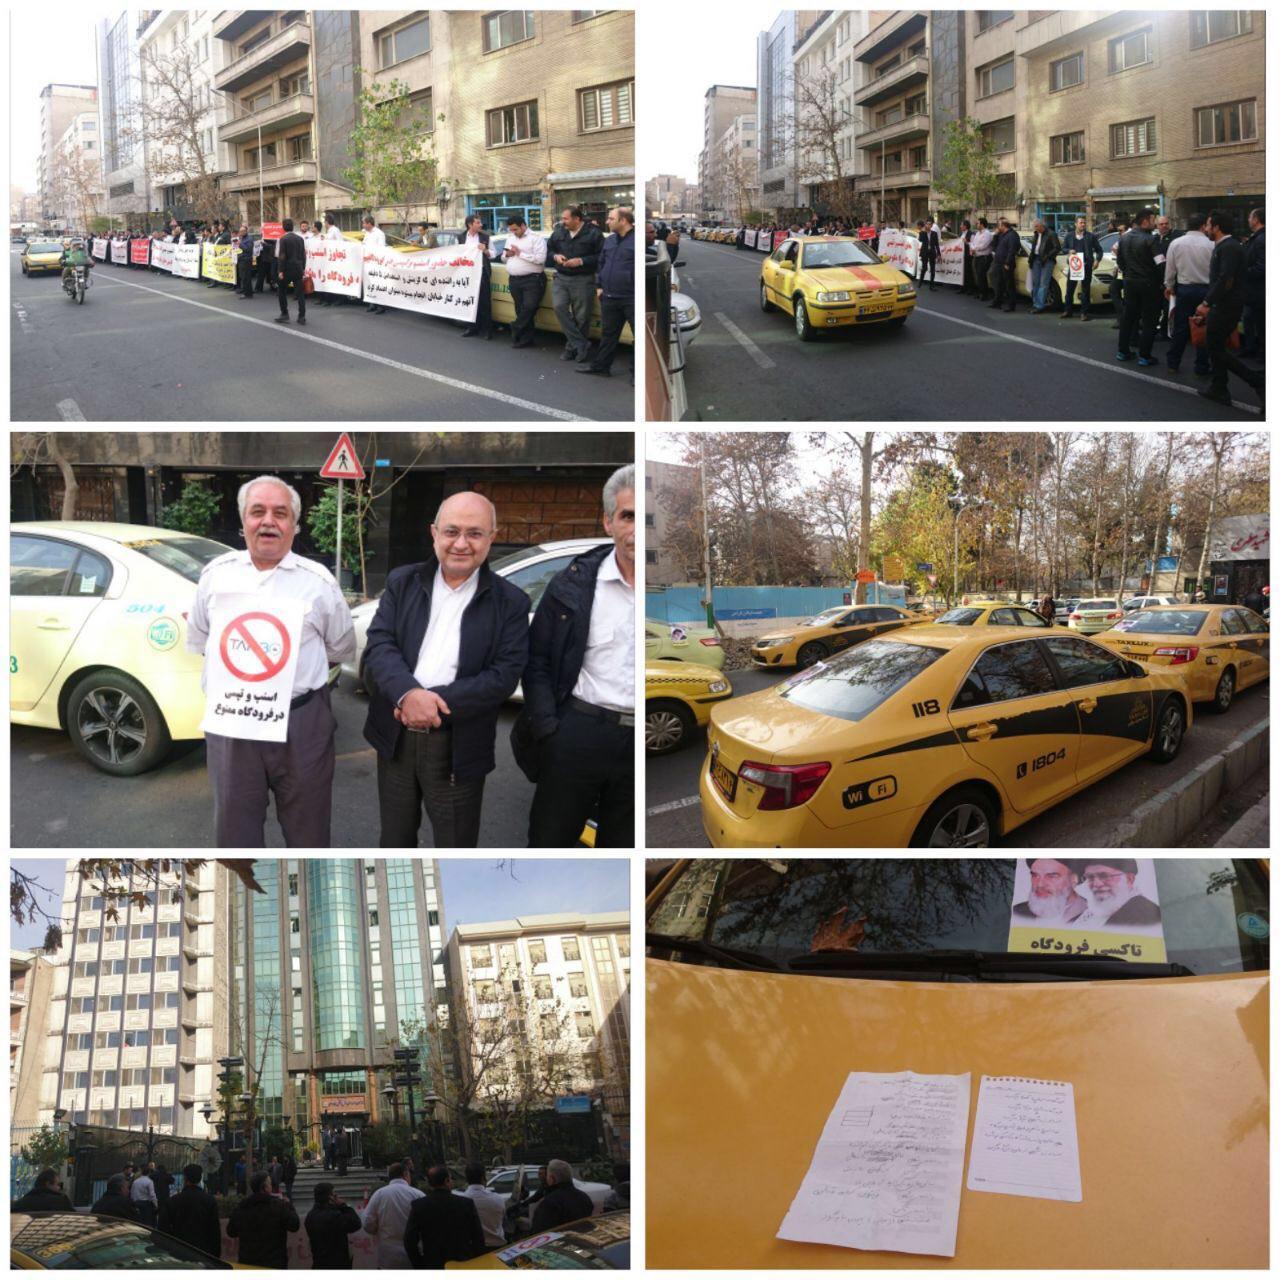 اعتراض تاکسیداران فرودگاه امام به تاکسیهای اینترنتی (+عکس)